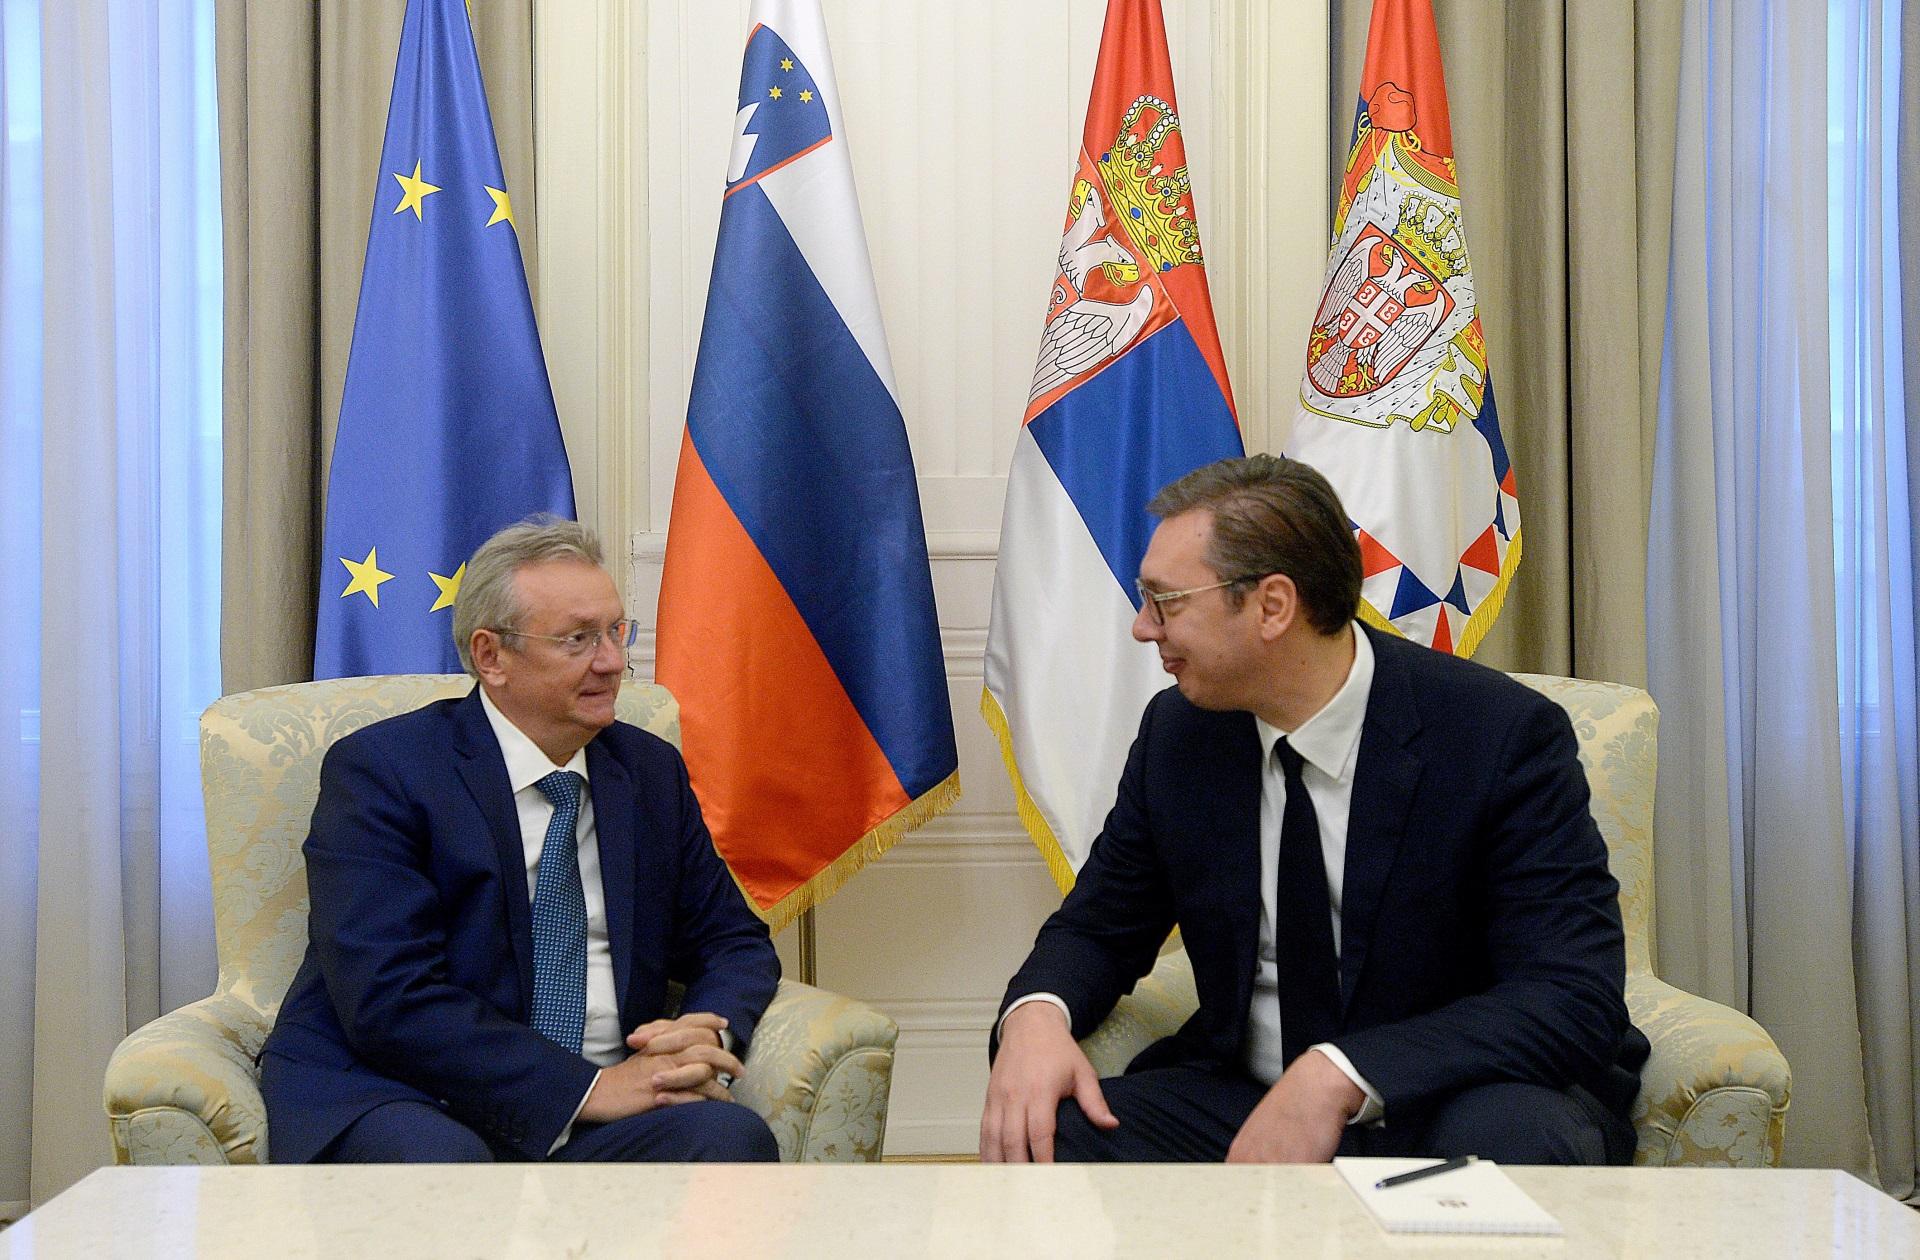 Vucic i ambasodor Slovenije Iztok Jarac